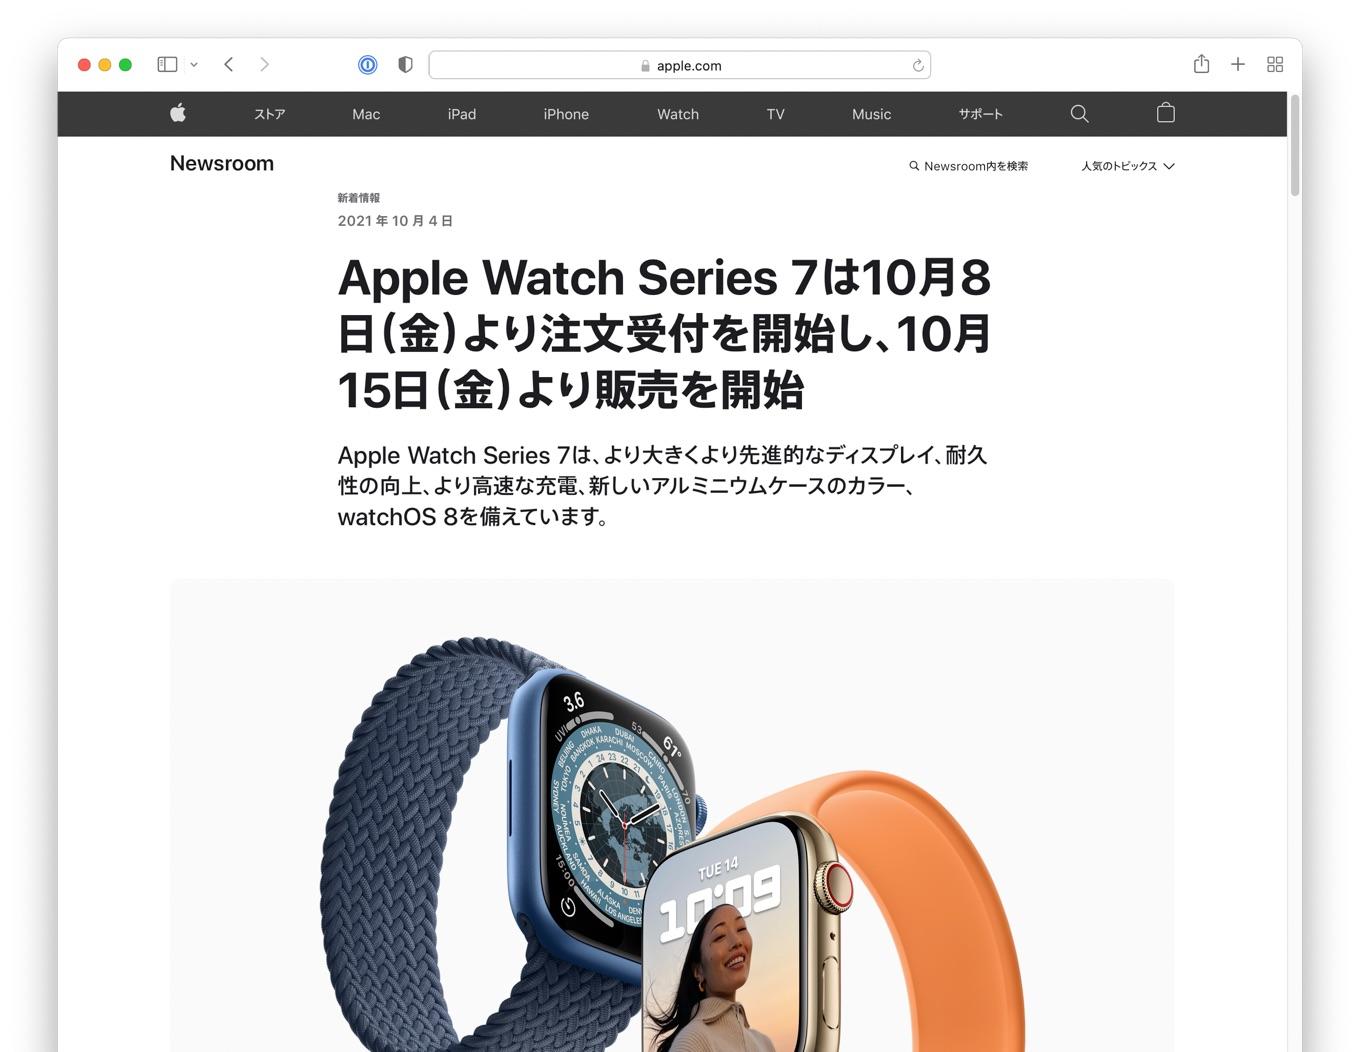 Apple Watch Series 7は10月8日(金)より注文受付を開始し、10月15日(金)より販売を開始